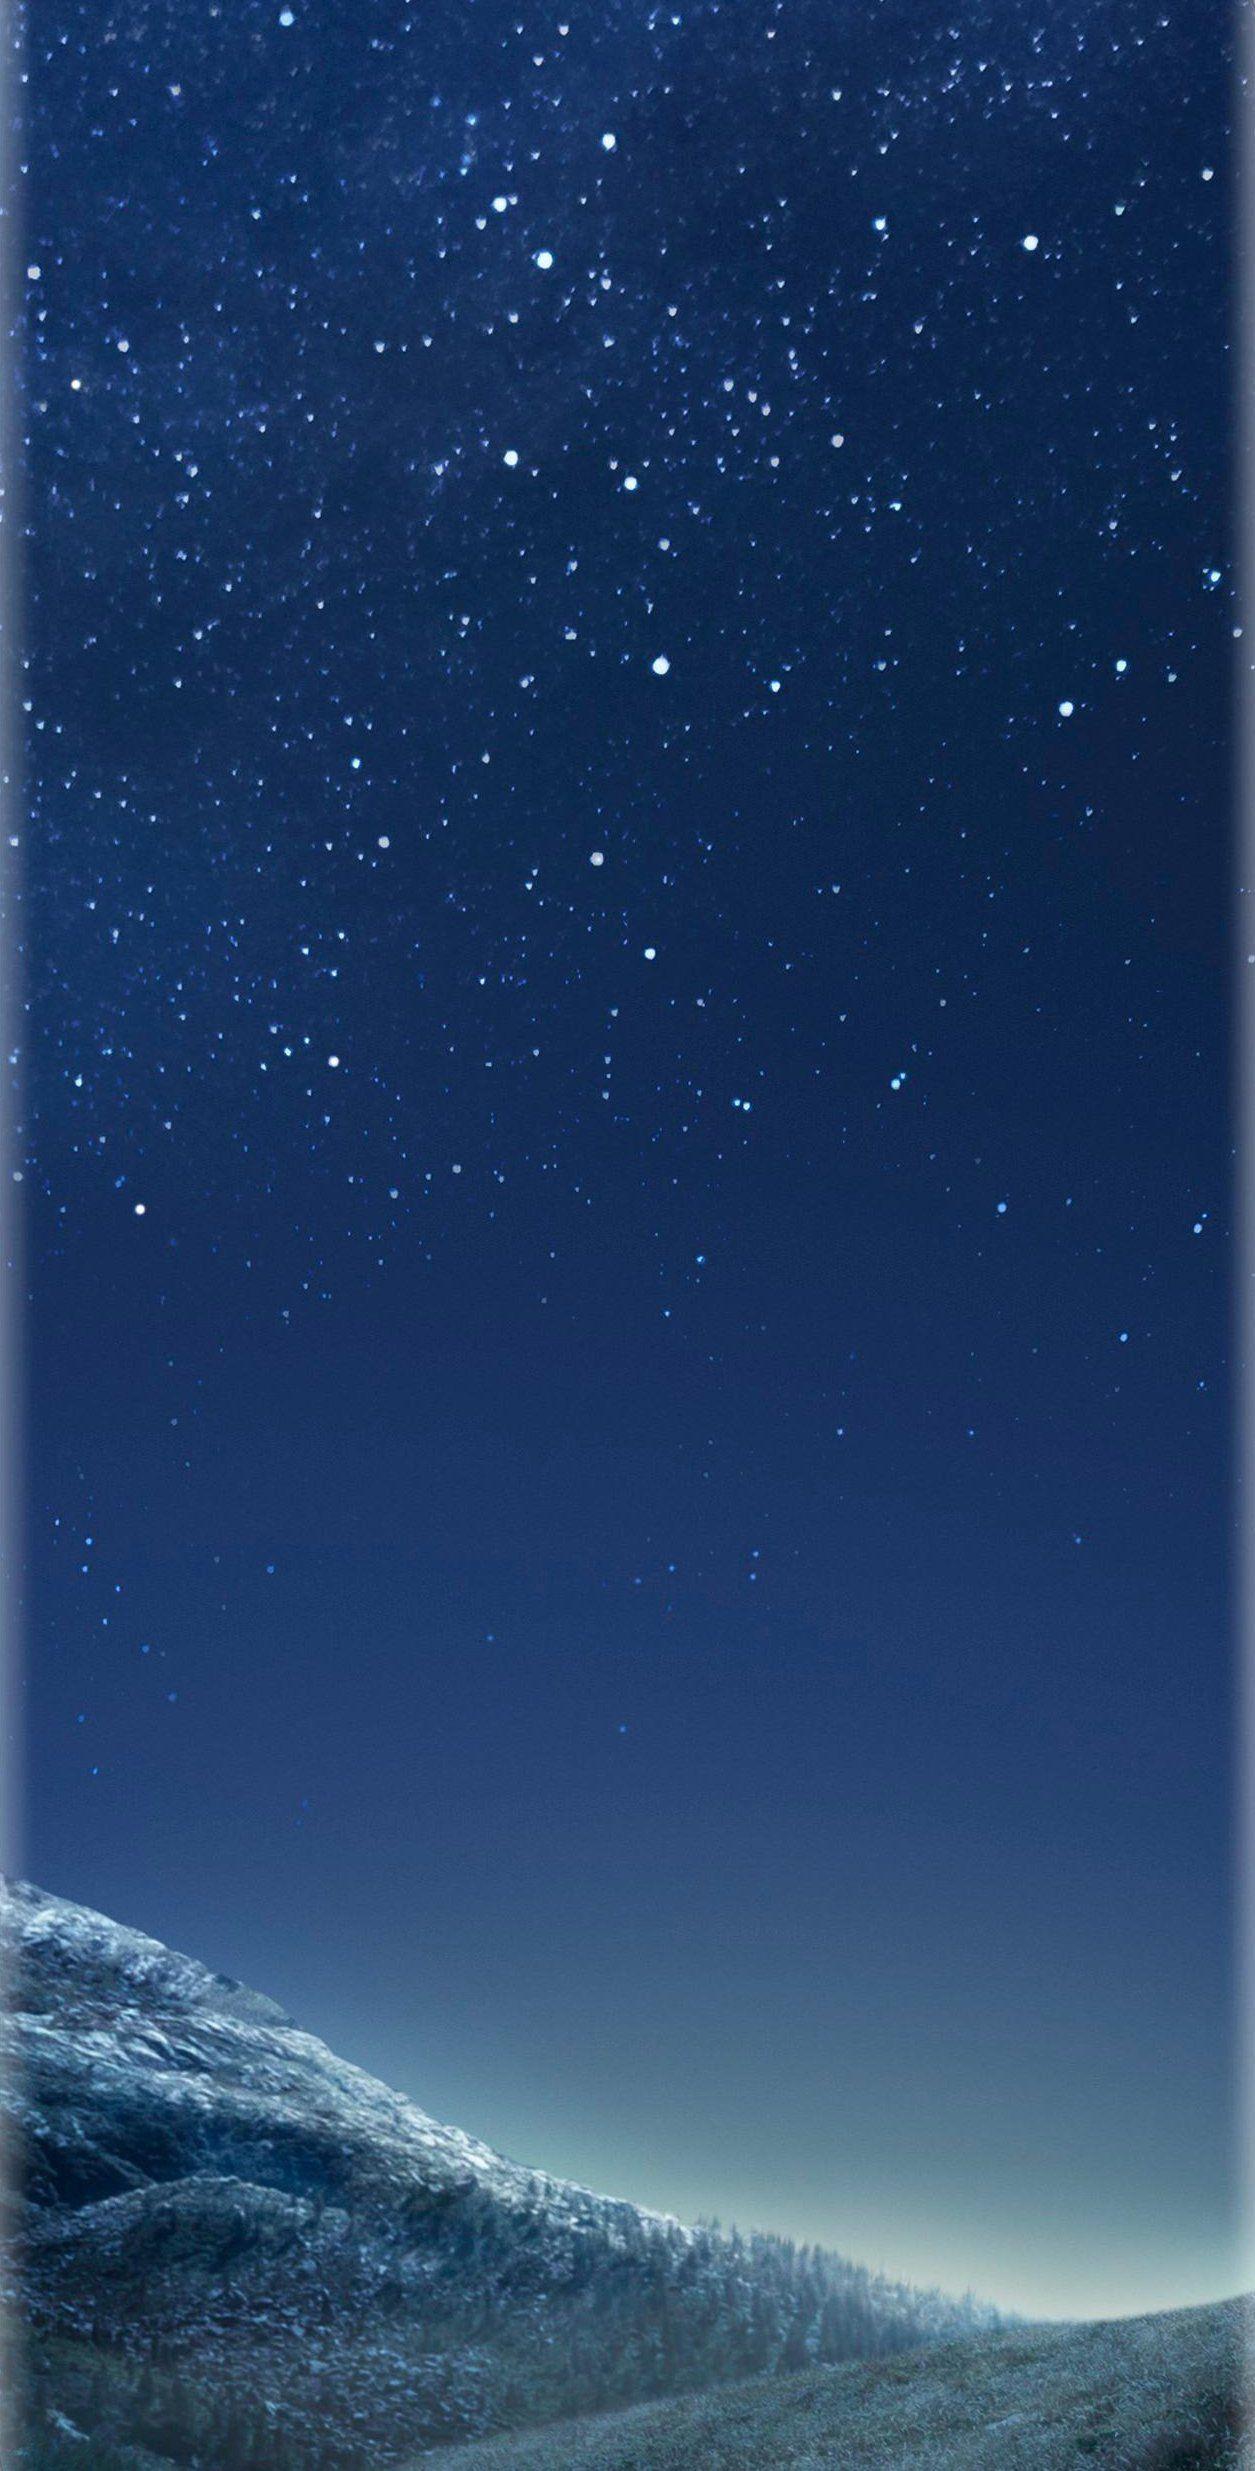 Official Galaxy S8 Wallpapers Galaxy S8 Wallpaper Best Wallpaper Hd